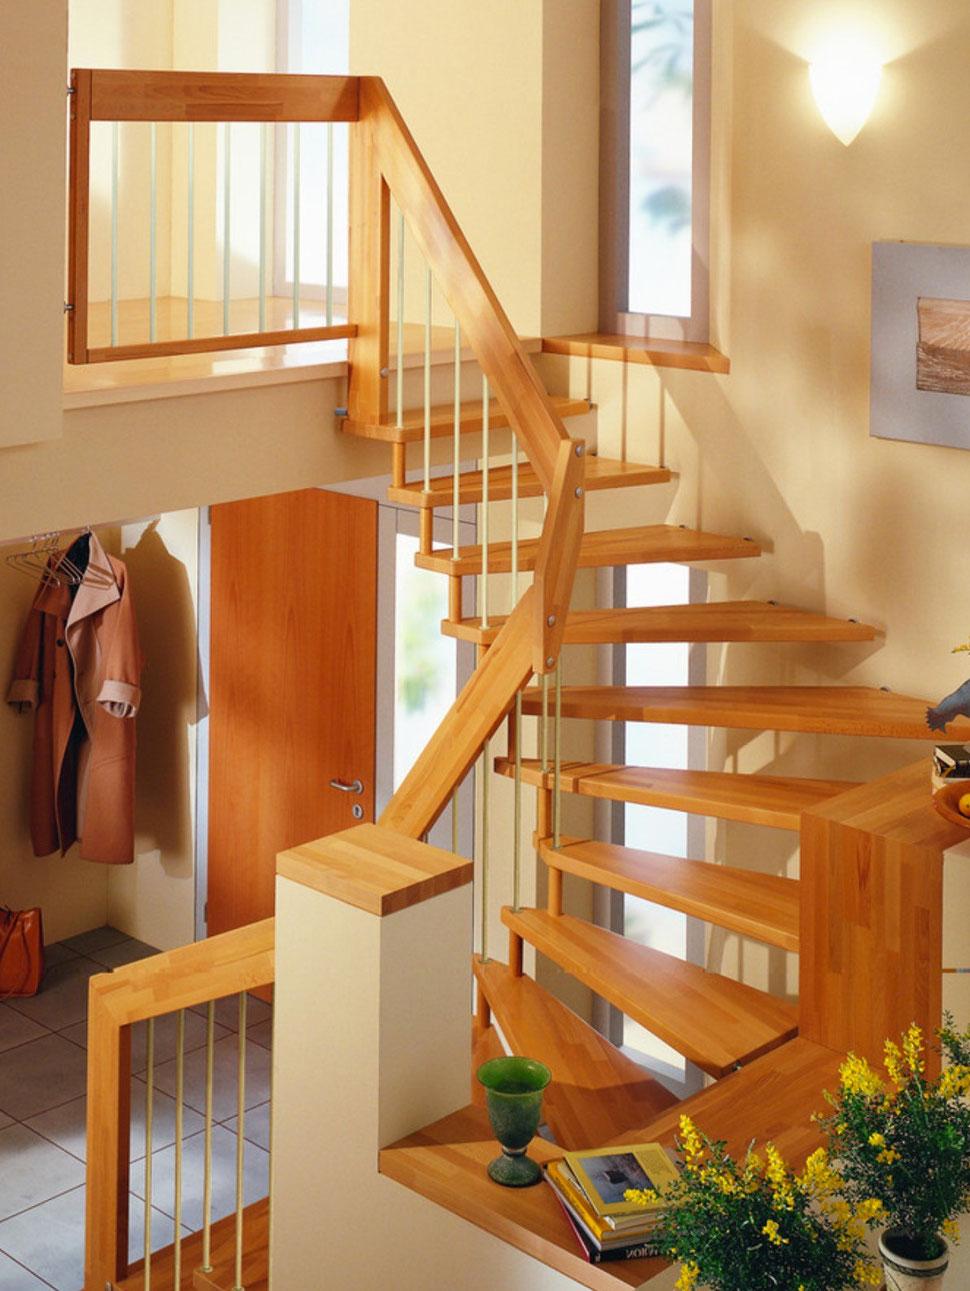 Holztreppe aus Kirschenholz, Kirschbaumholz, Kirschbaumholztreppe, Treppe aus Kirsche